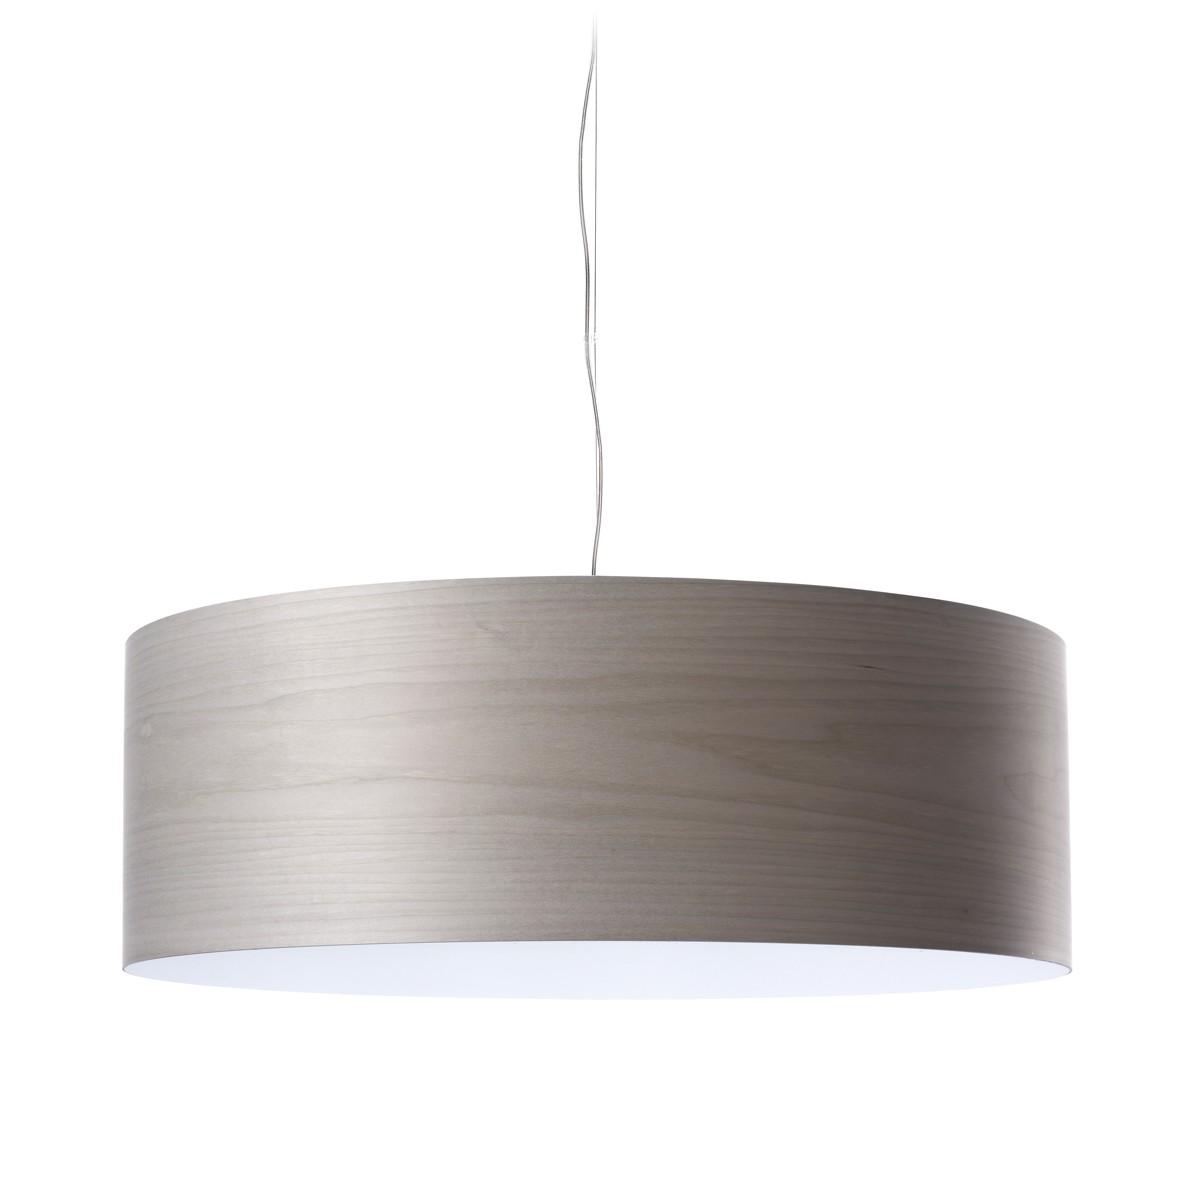 LZF Lamps Gea Large Pendelleuchte, grau